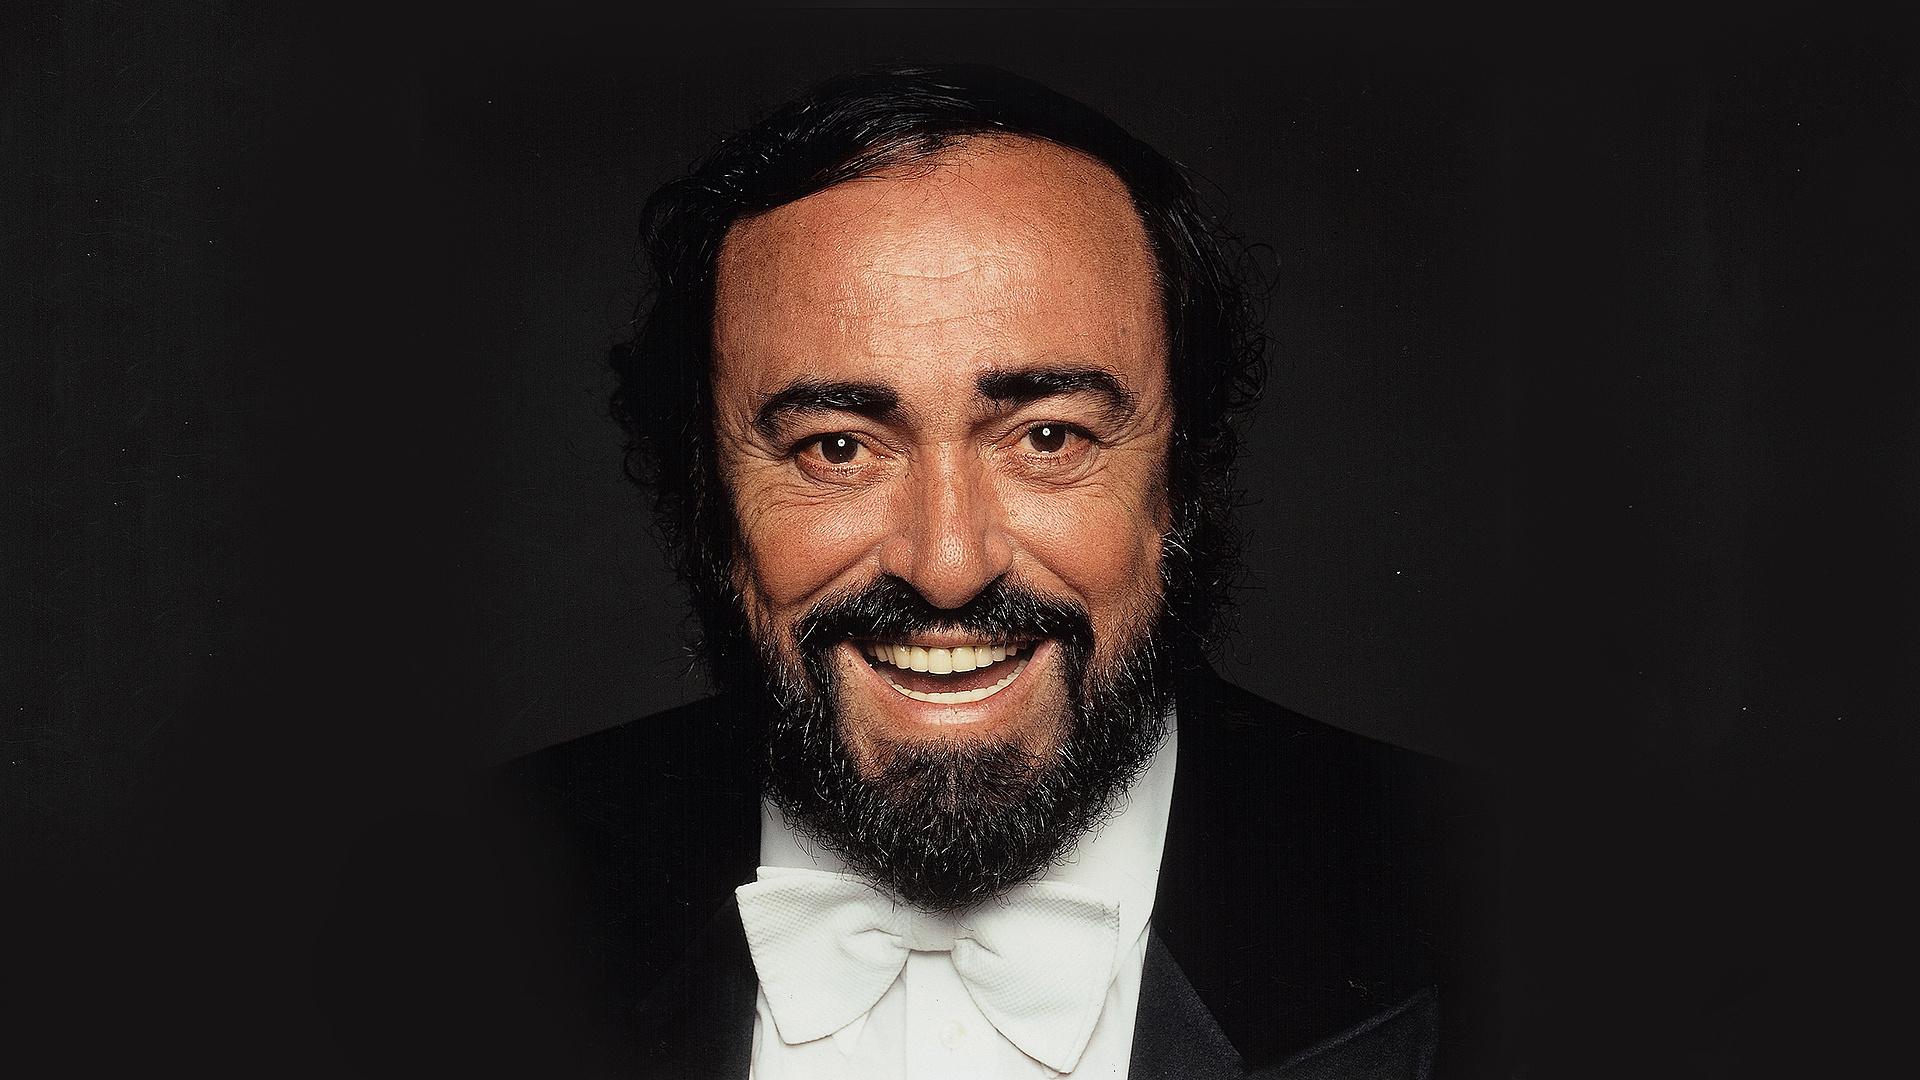 Pavarotti élete olyan volt, akár egy opera